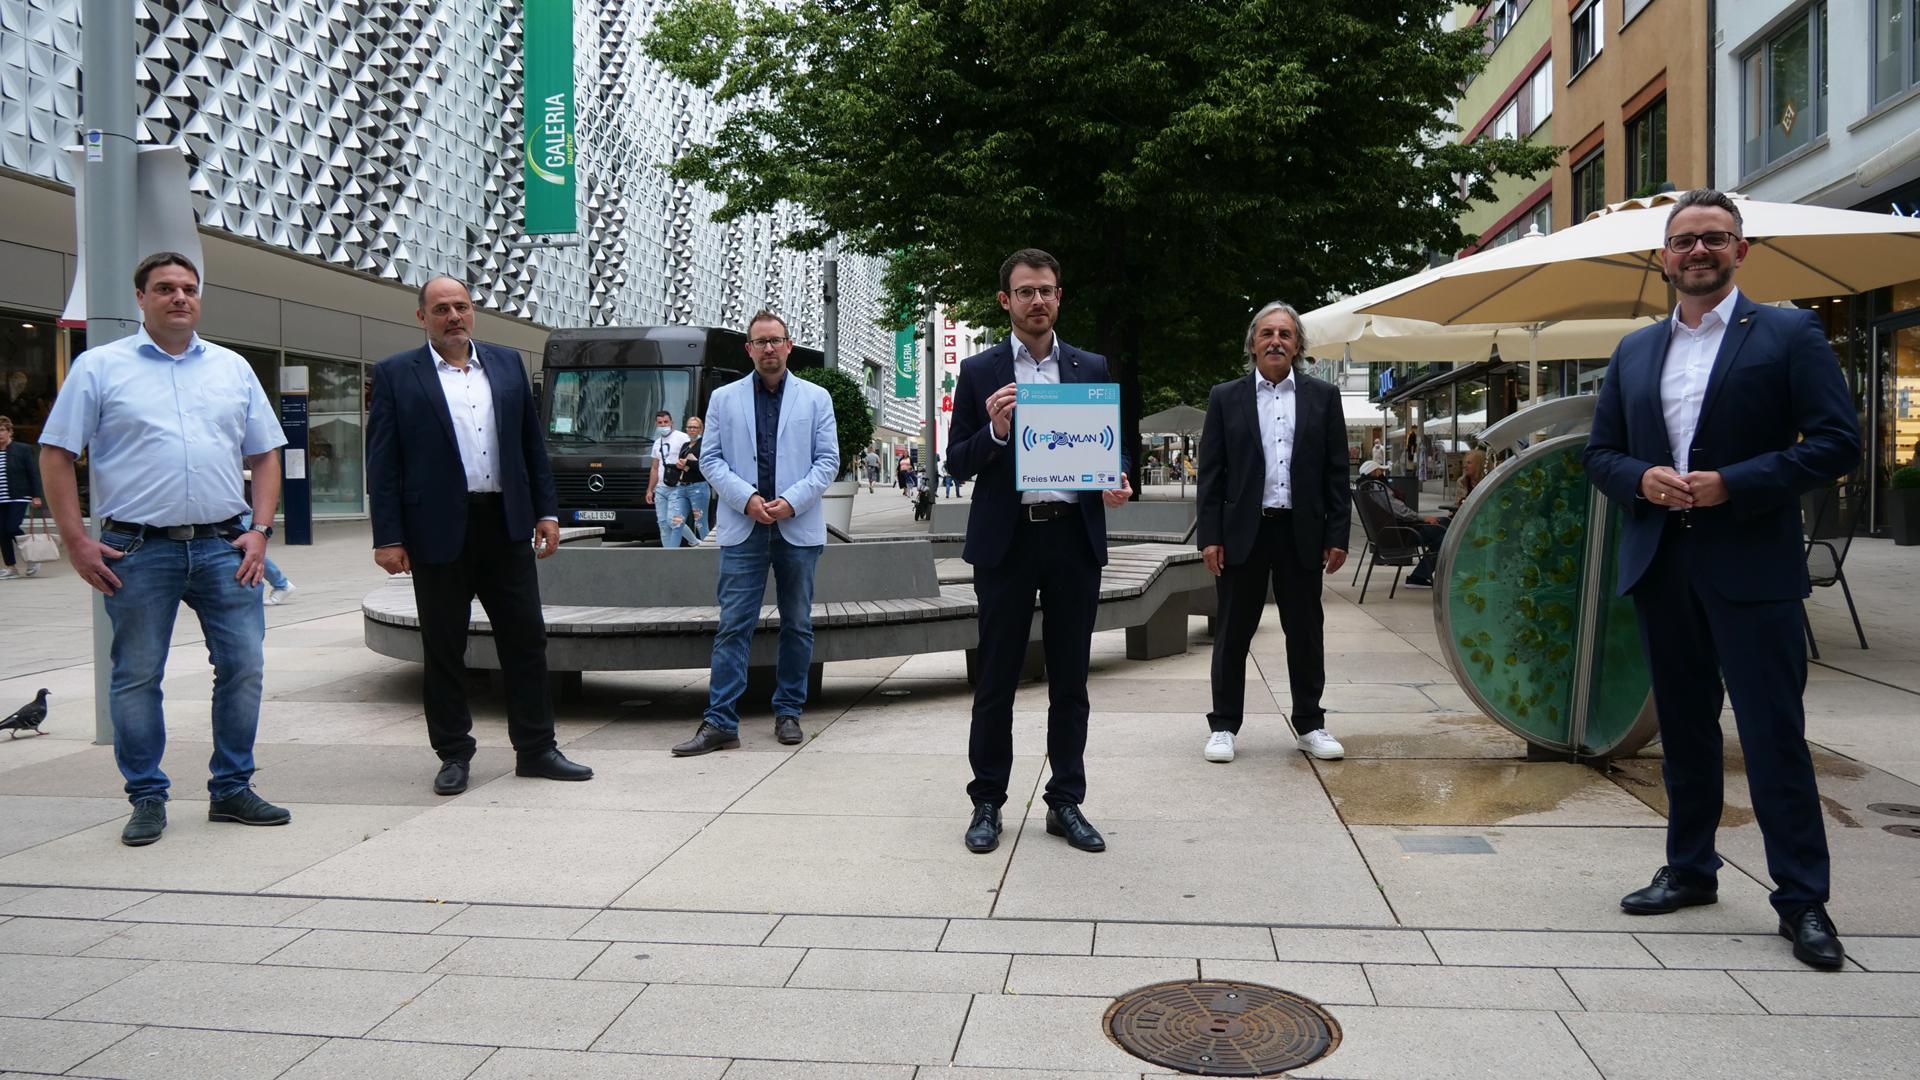 Kristian Kronenwetter und Bernd Hagenbuch (SWP), Michael Hertl (WSP), der Digitalisierungsbeauftragte Kevin Lindauer, Erwin Geisler und OB Peter Boch (von links) verkündeten am Donnerstag Vollzug: Ab sofort gibt´s das kostenfreie PF-WLAN auch in der Innenstadt